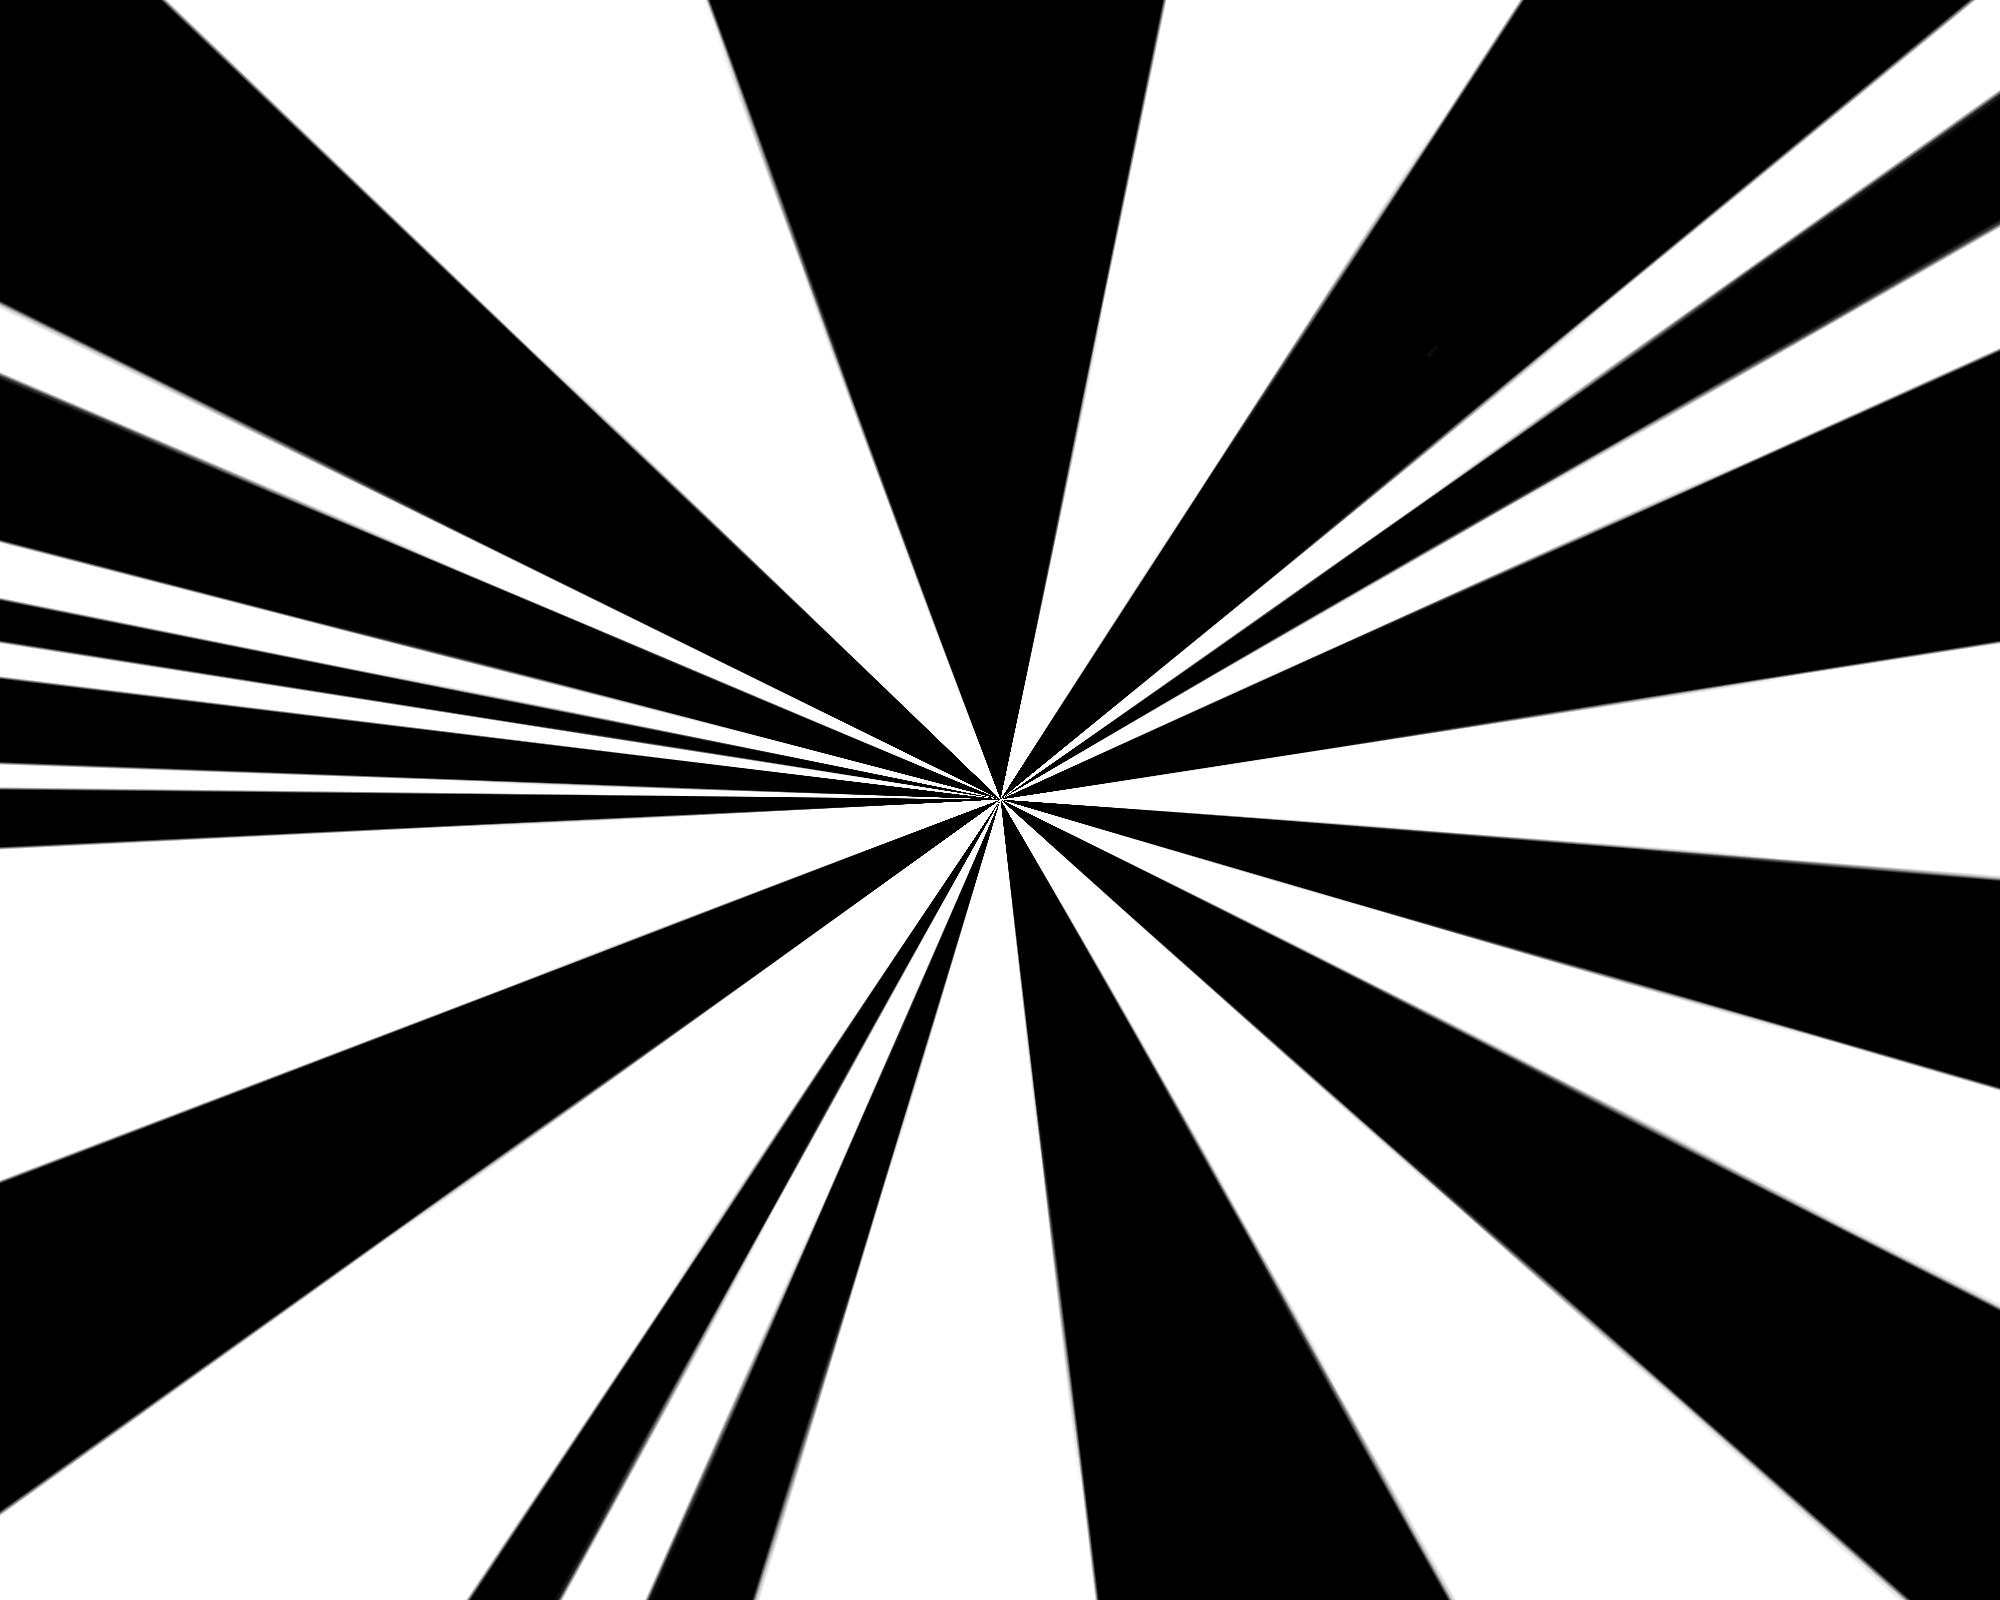 ビジネス フロー図のイラスト素材 [ ] - PIXTA